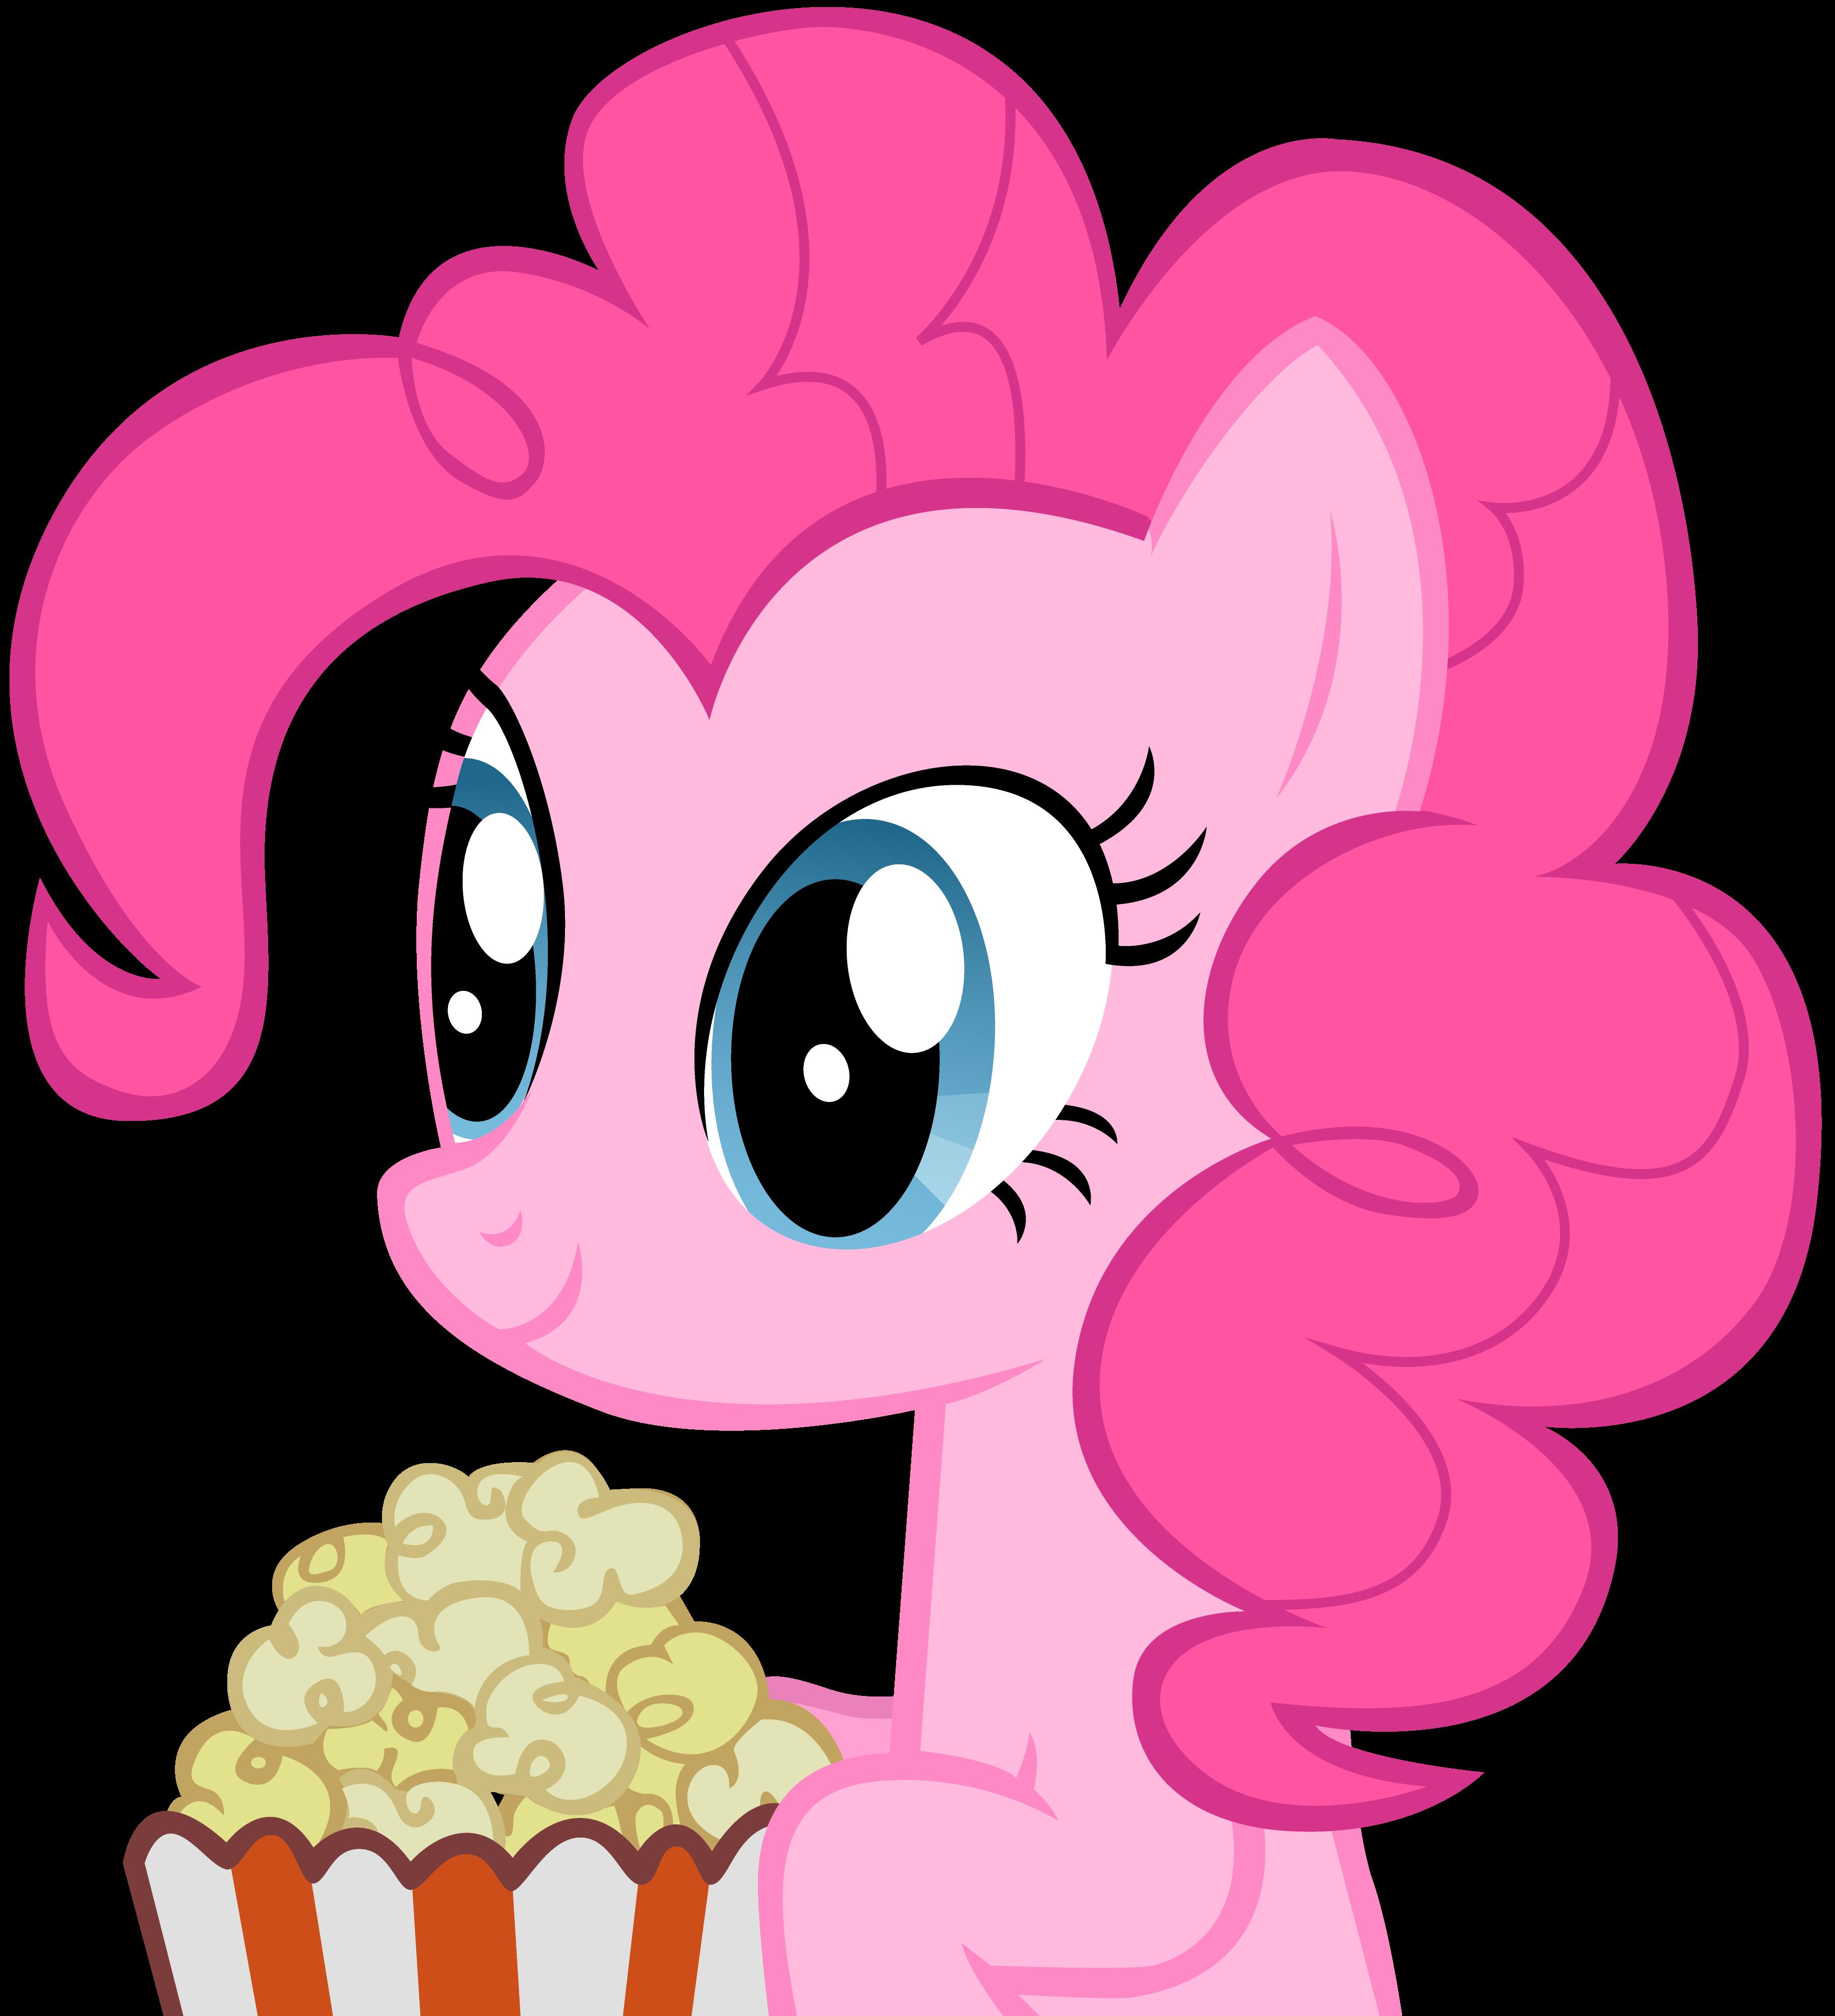 ondertiteling popcorn time loopt niet gelijk